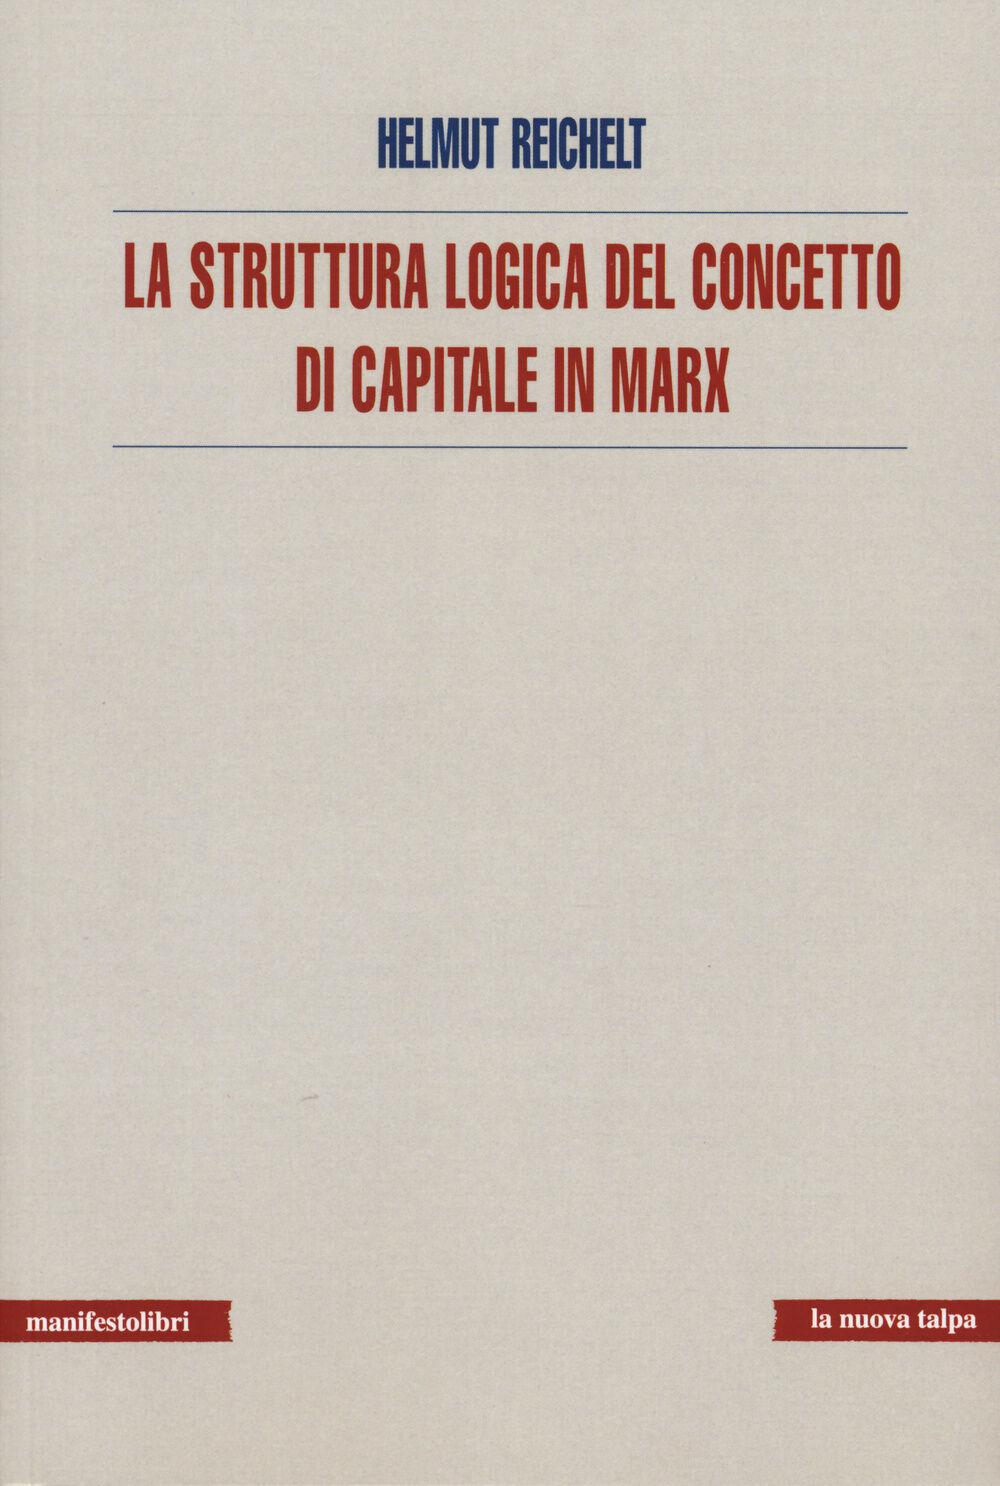 La struttura logica del concetto di capitale in Marx